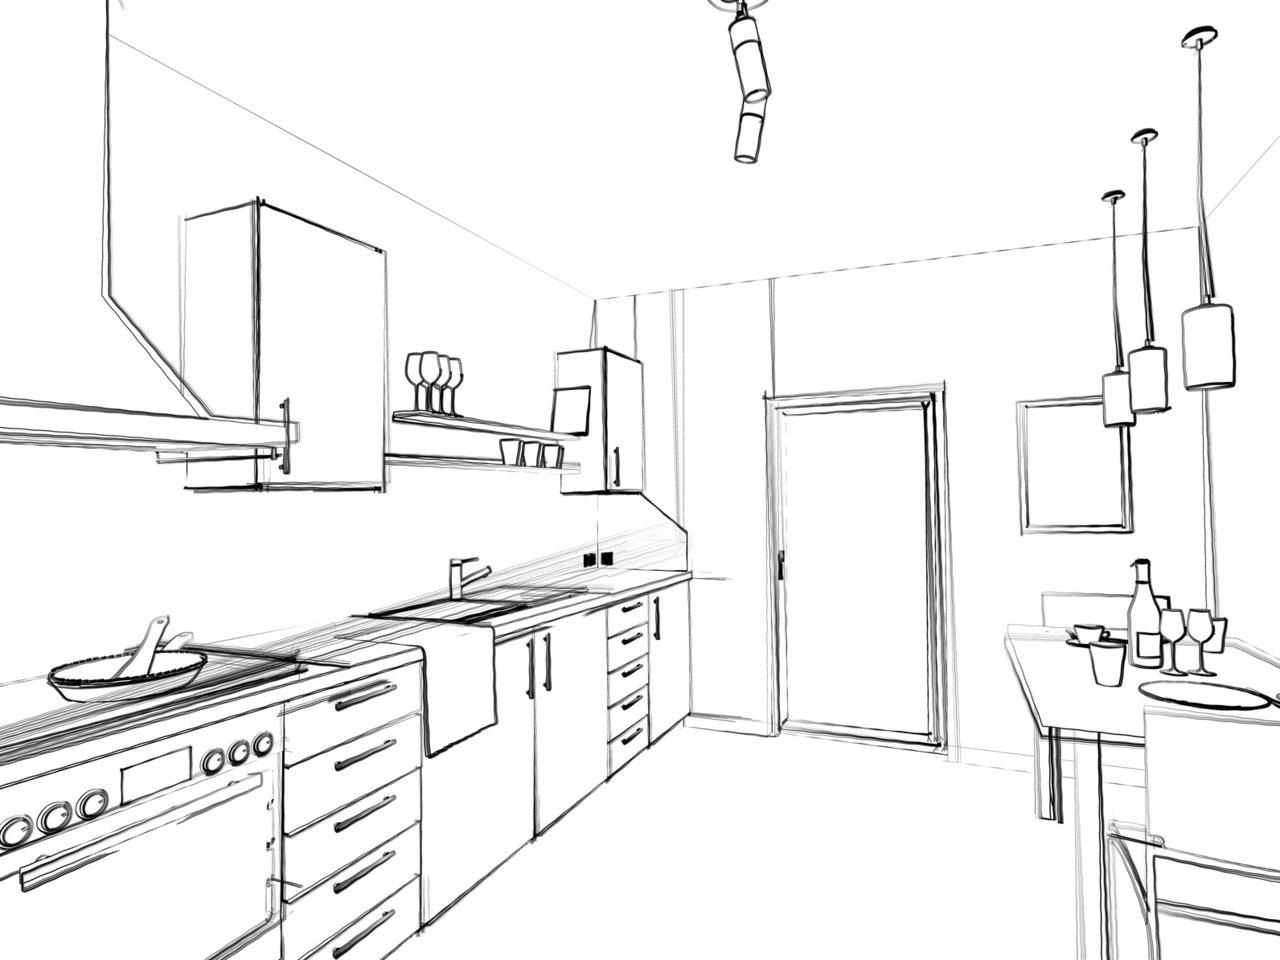 die schreinerk che individuell sch n und langlebig schreinerei binzler gmbh. Black Bedroom Furniture Sets. Home Design Ideas